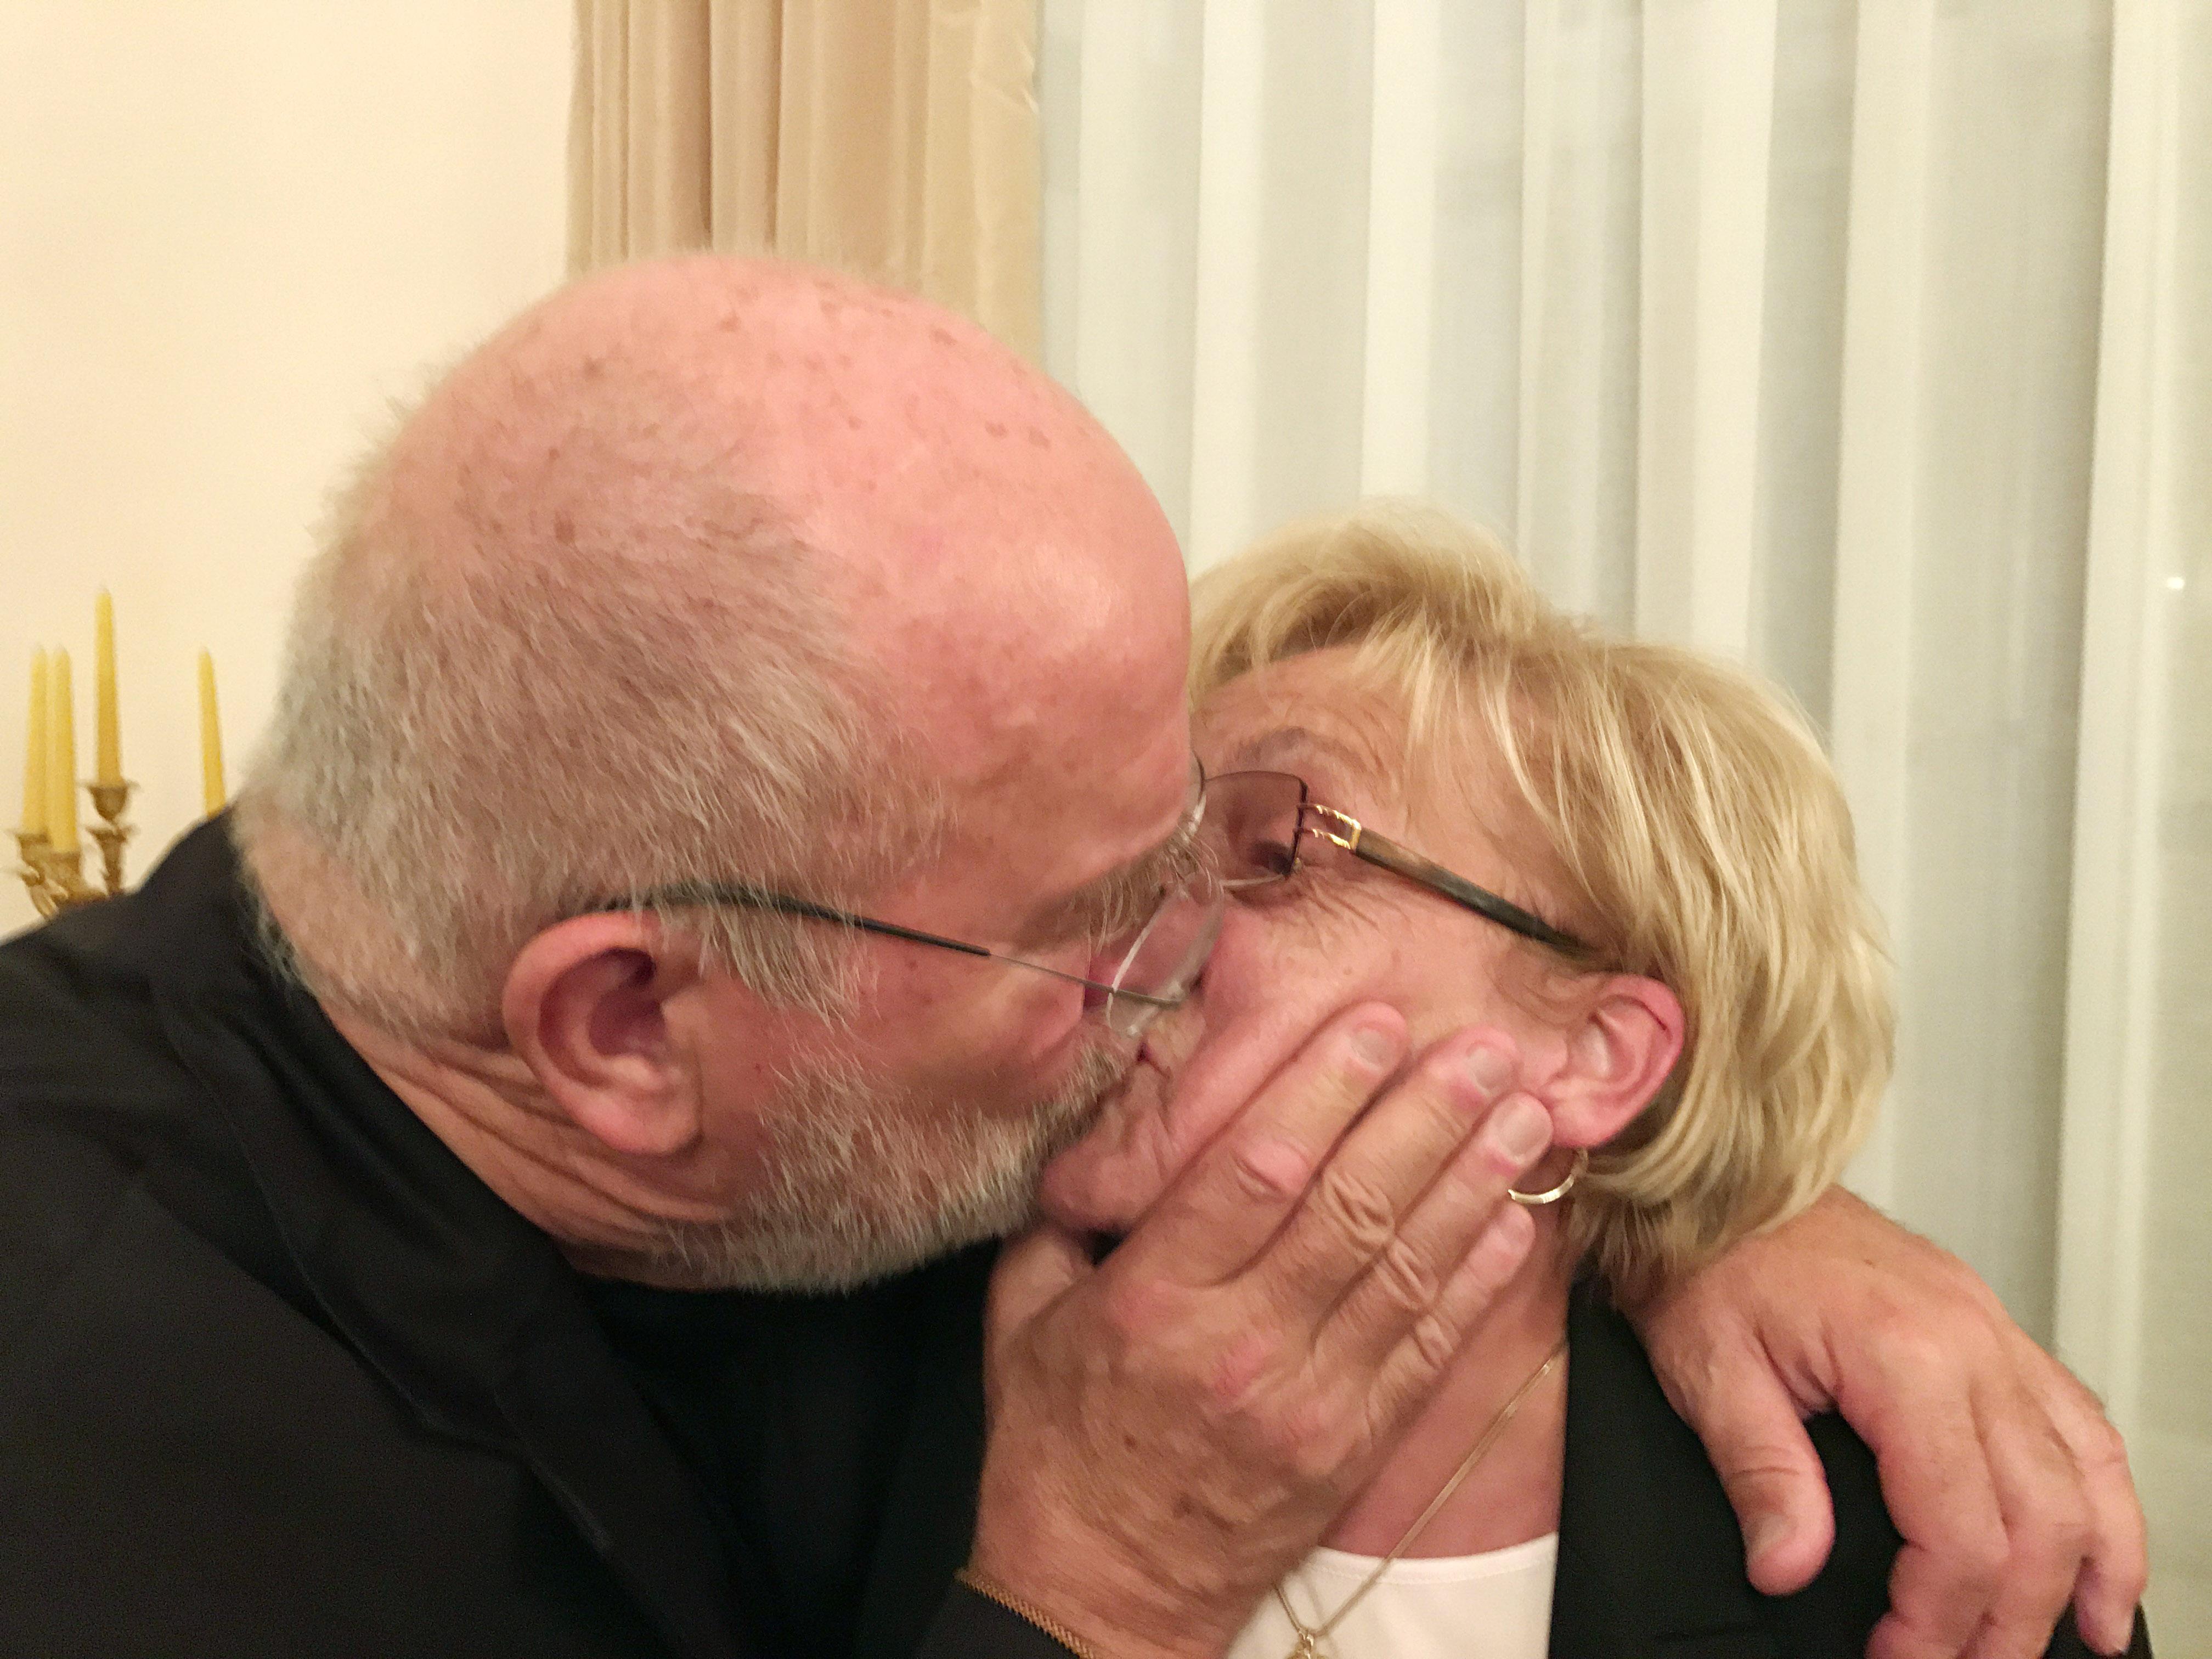 Juergen Teller Peter Lindbergh kissing my Mum, Schloss Bellevue, Berlin 2016 © Juergen Teller